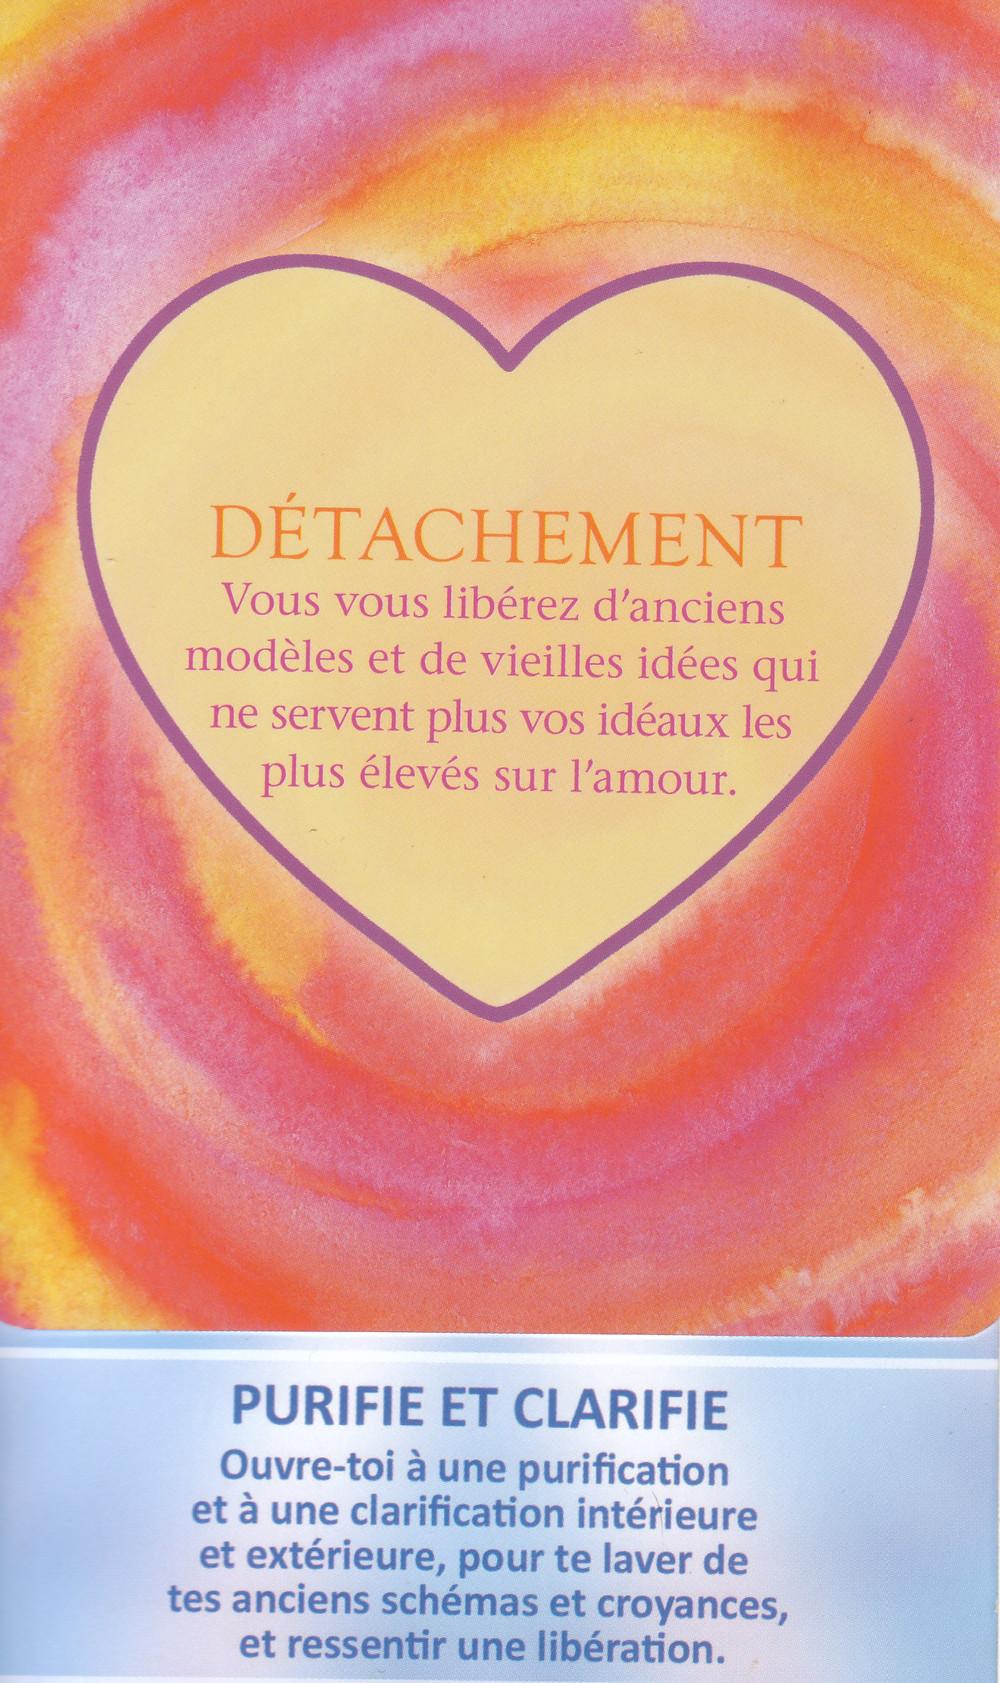 Cartes tirées de L'Oracle des Mandalas d'Énergie de Gaby Shayana Hoffmann et de l'Oracle Le Pouvoir de l'Amour de James Van Praagh